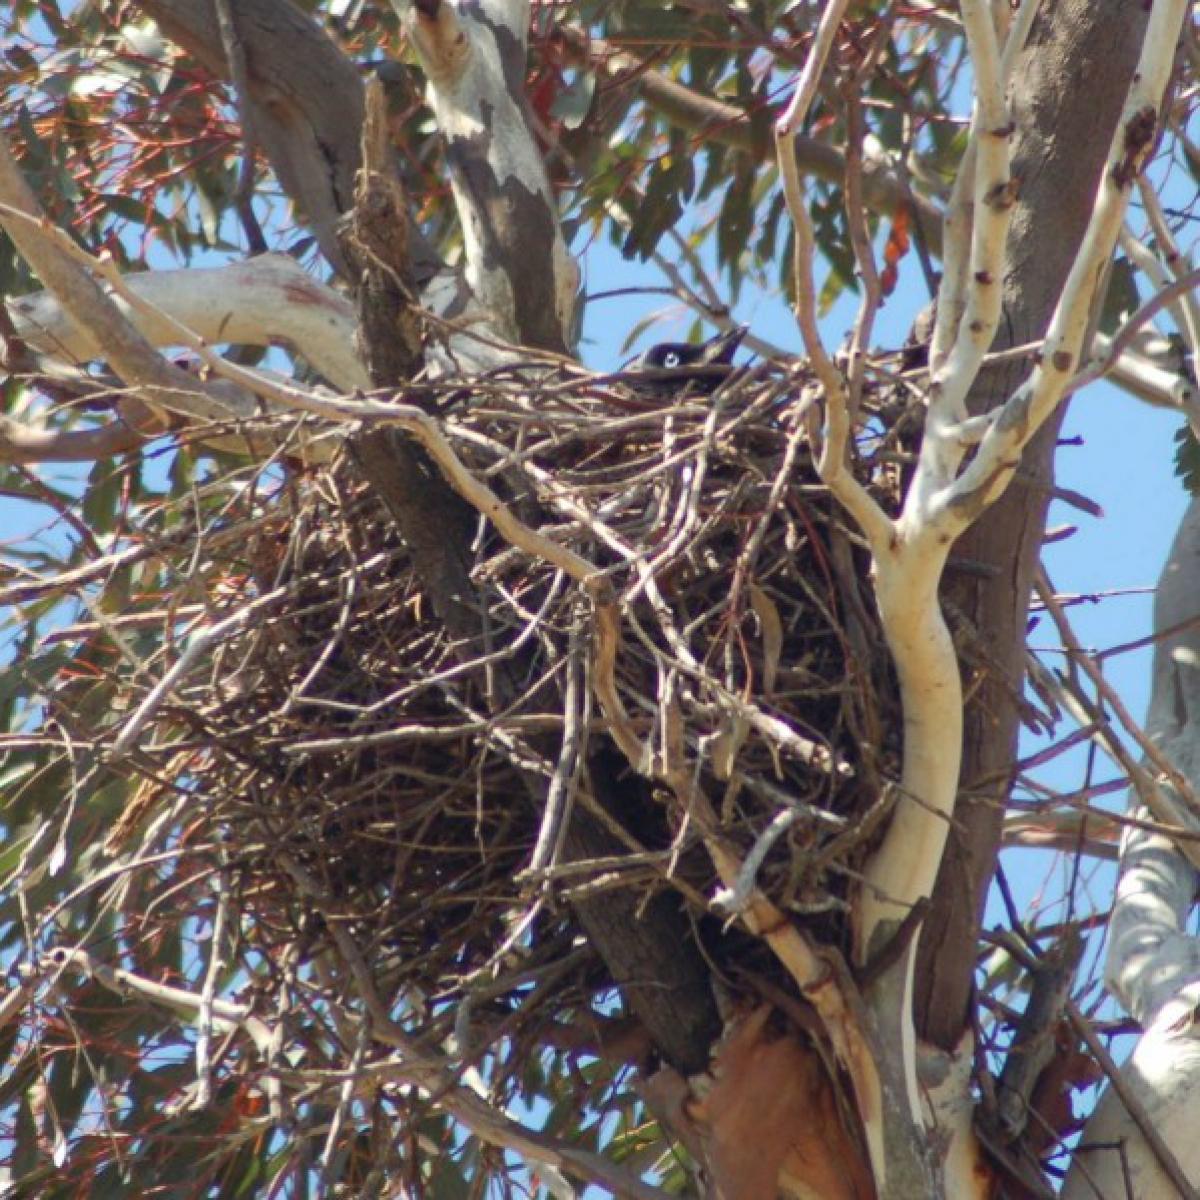 808 Australian Raven on nest